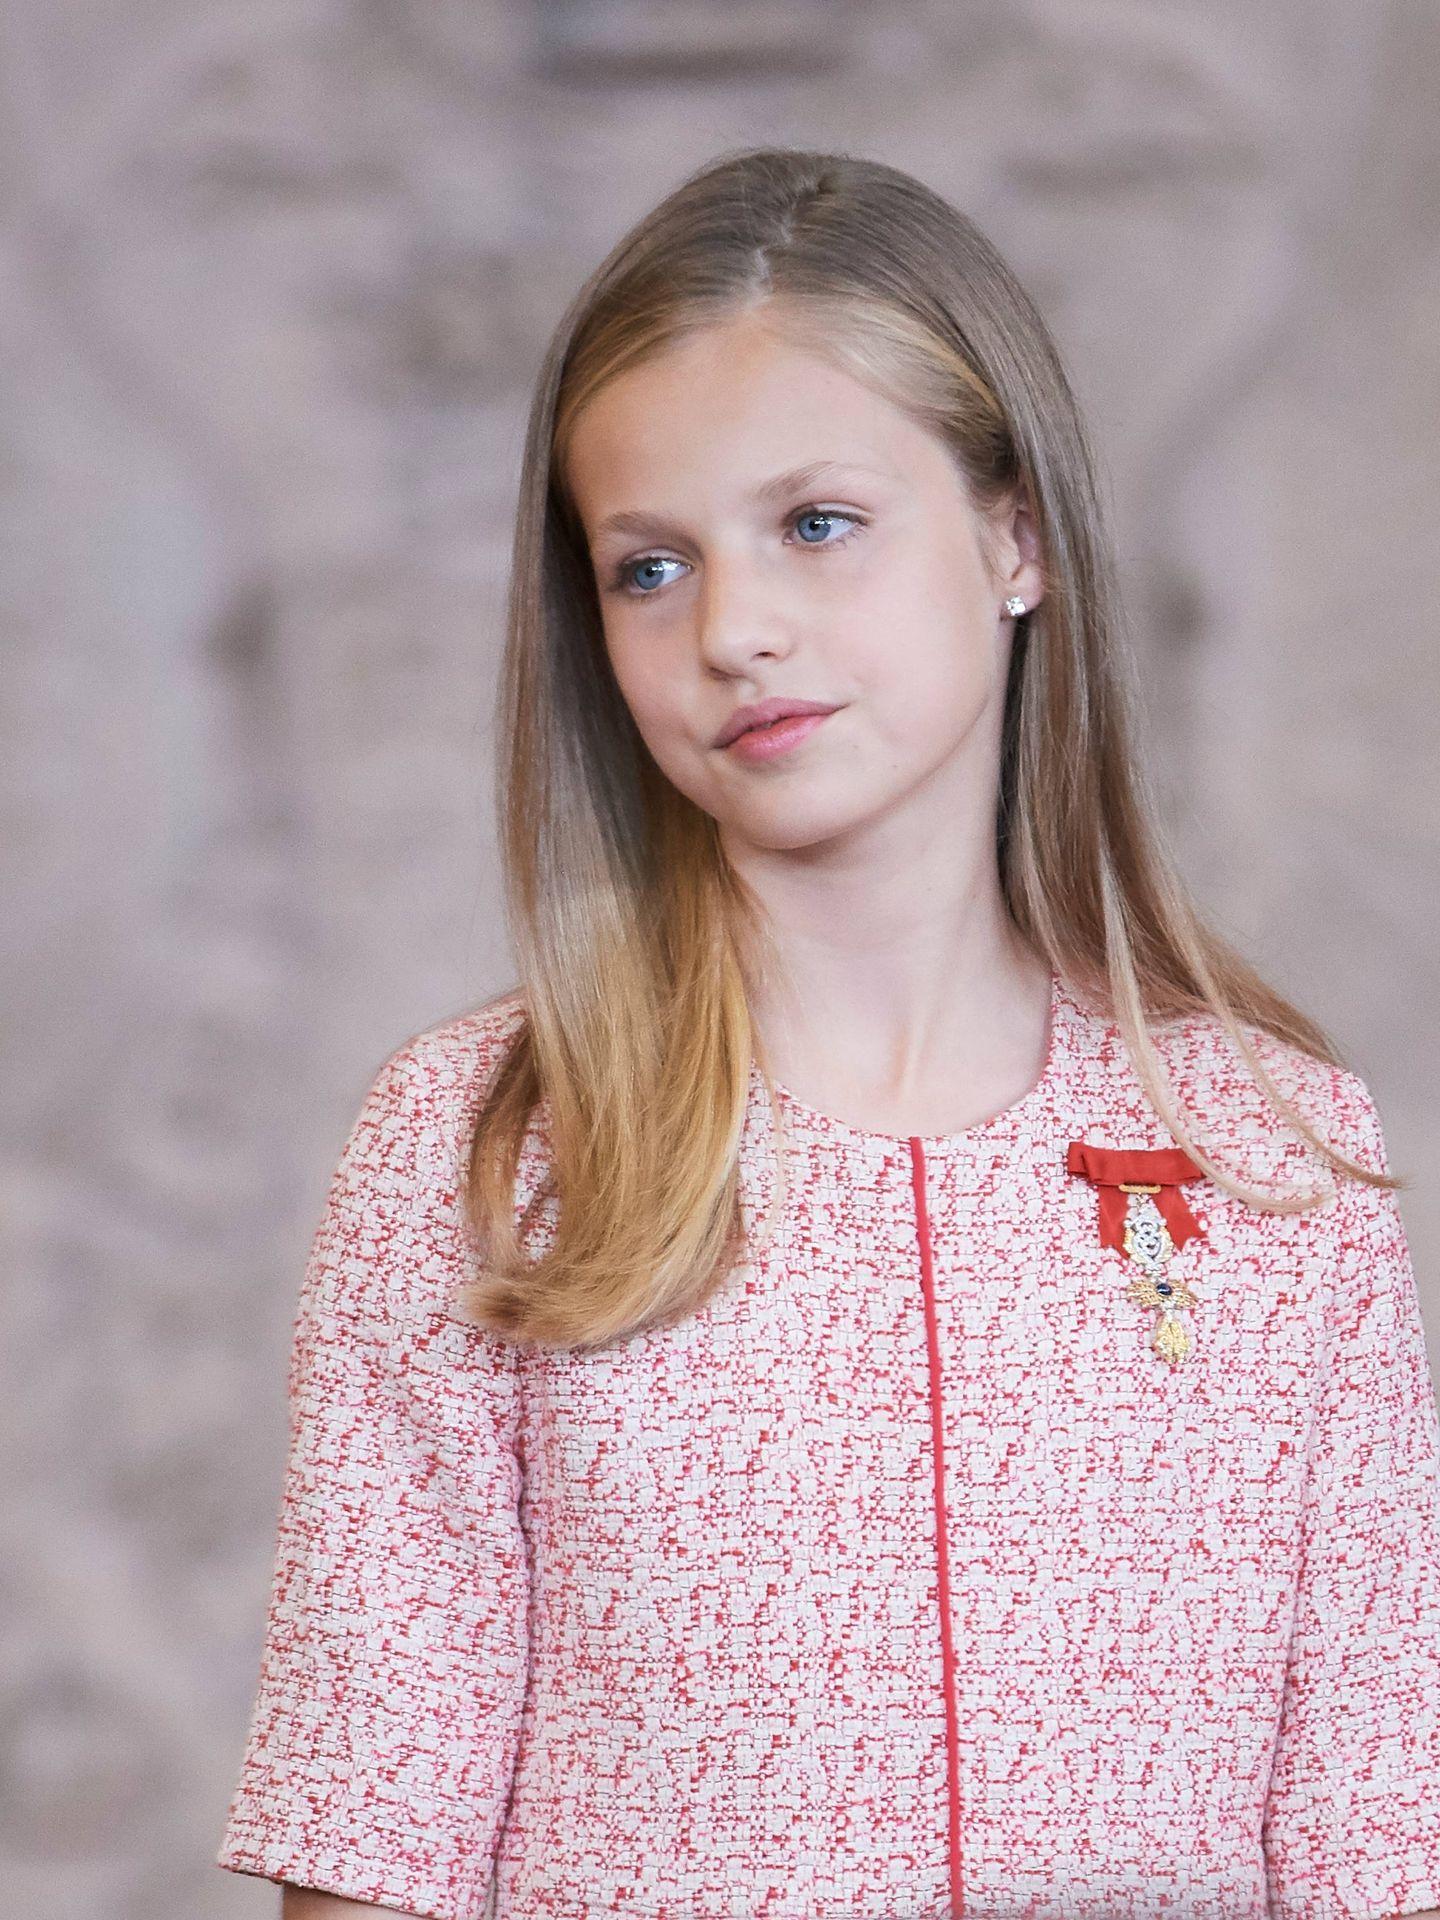 La Princesa de Asturias, este miércoles en el Palacio Real. (Limited Pictures)